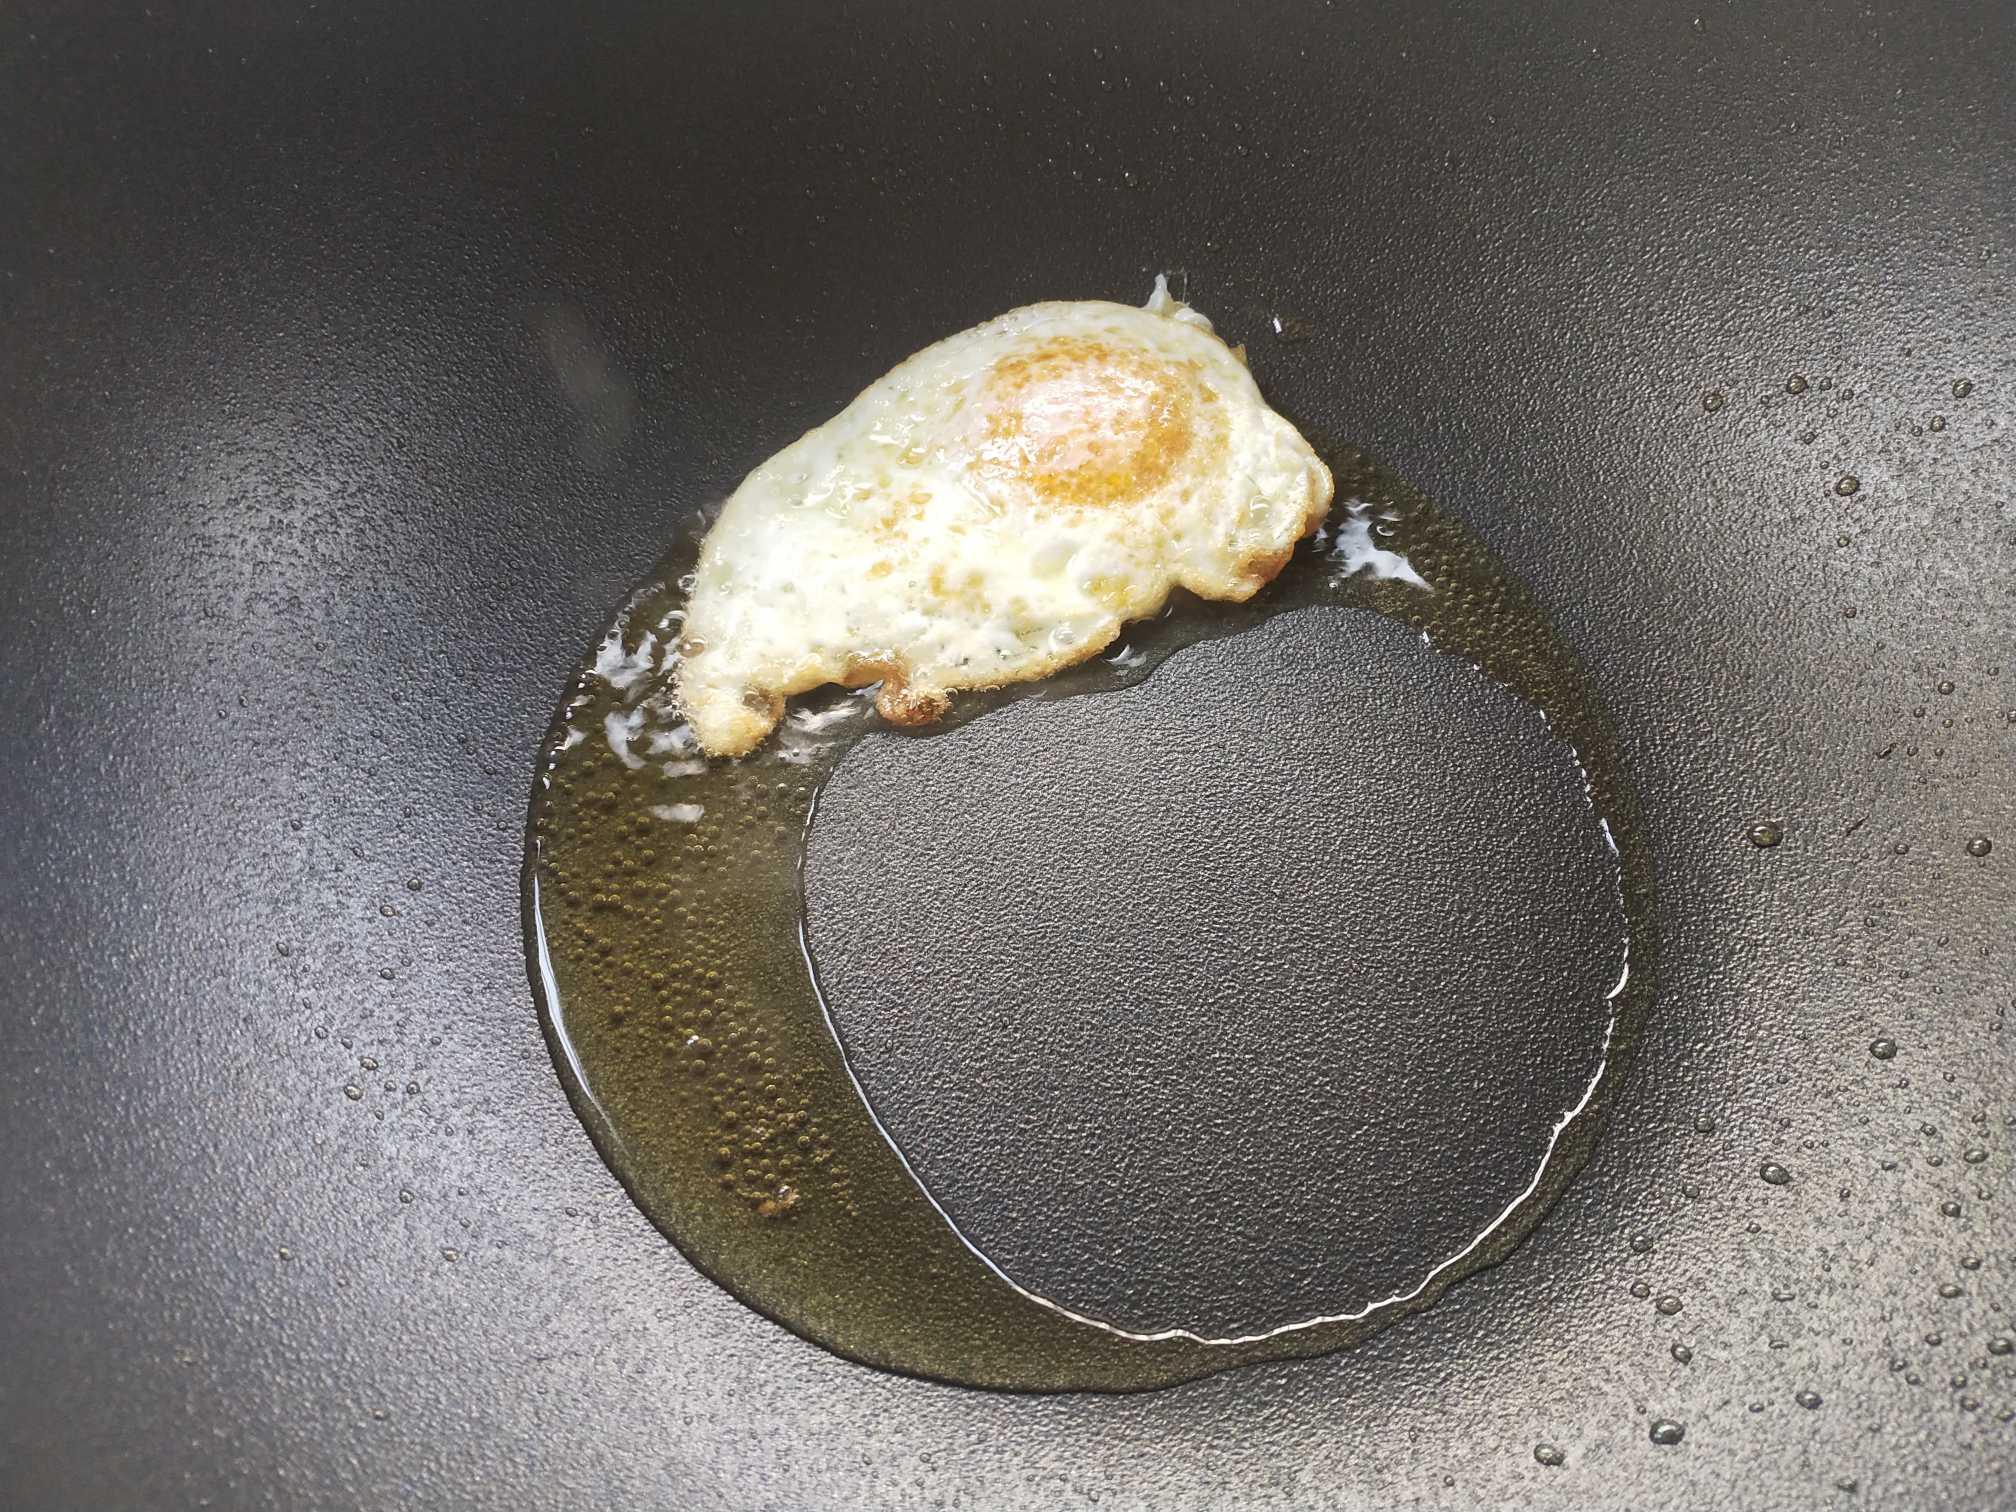 香煎荷包蛋的简单做法